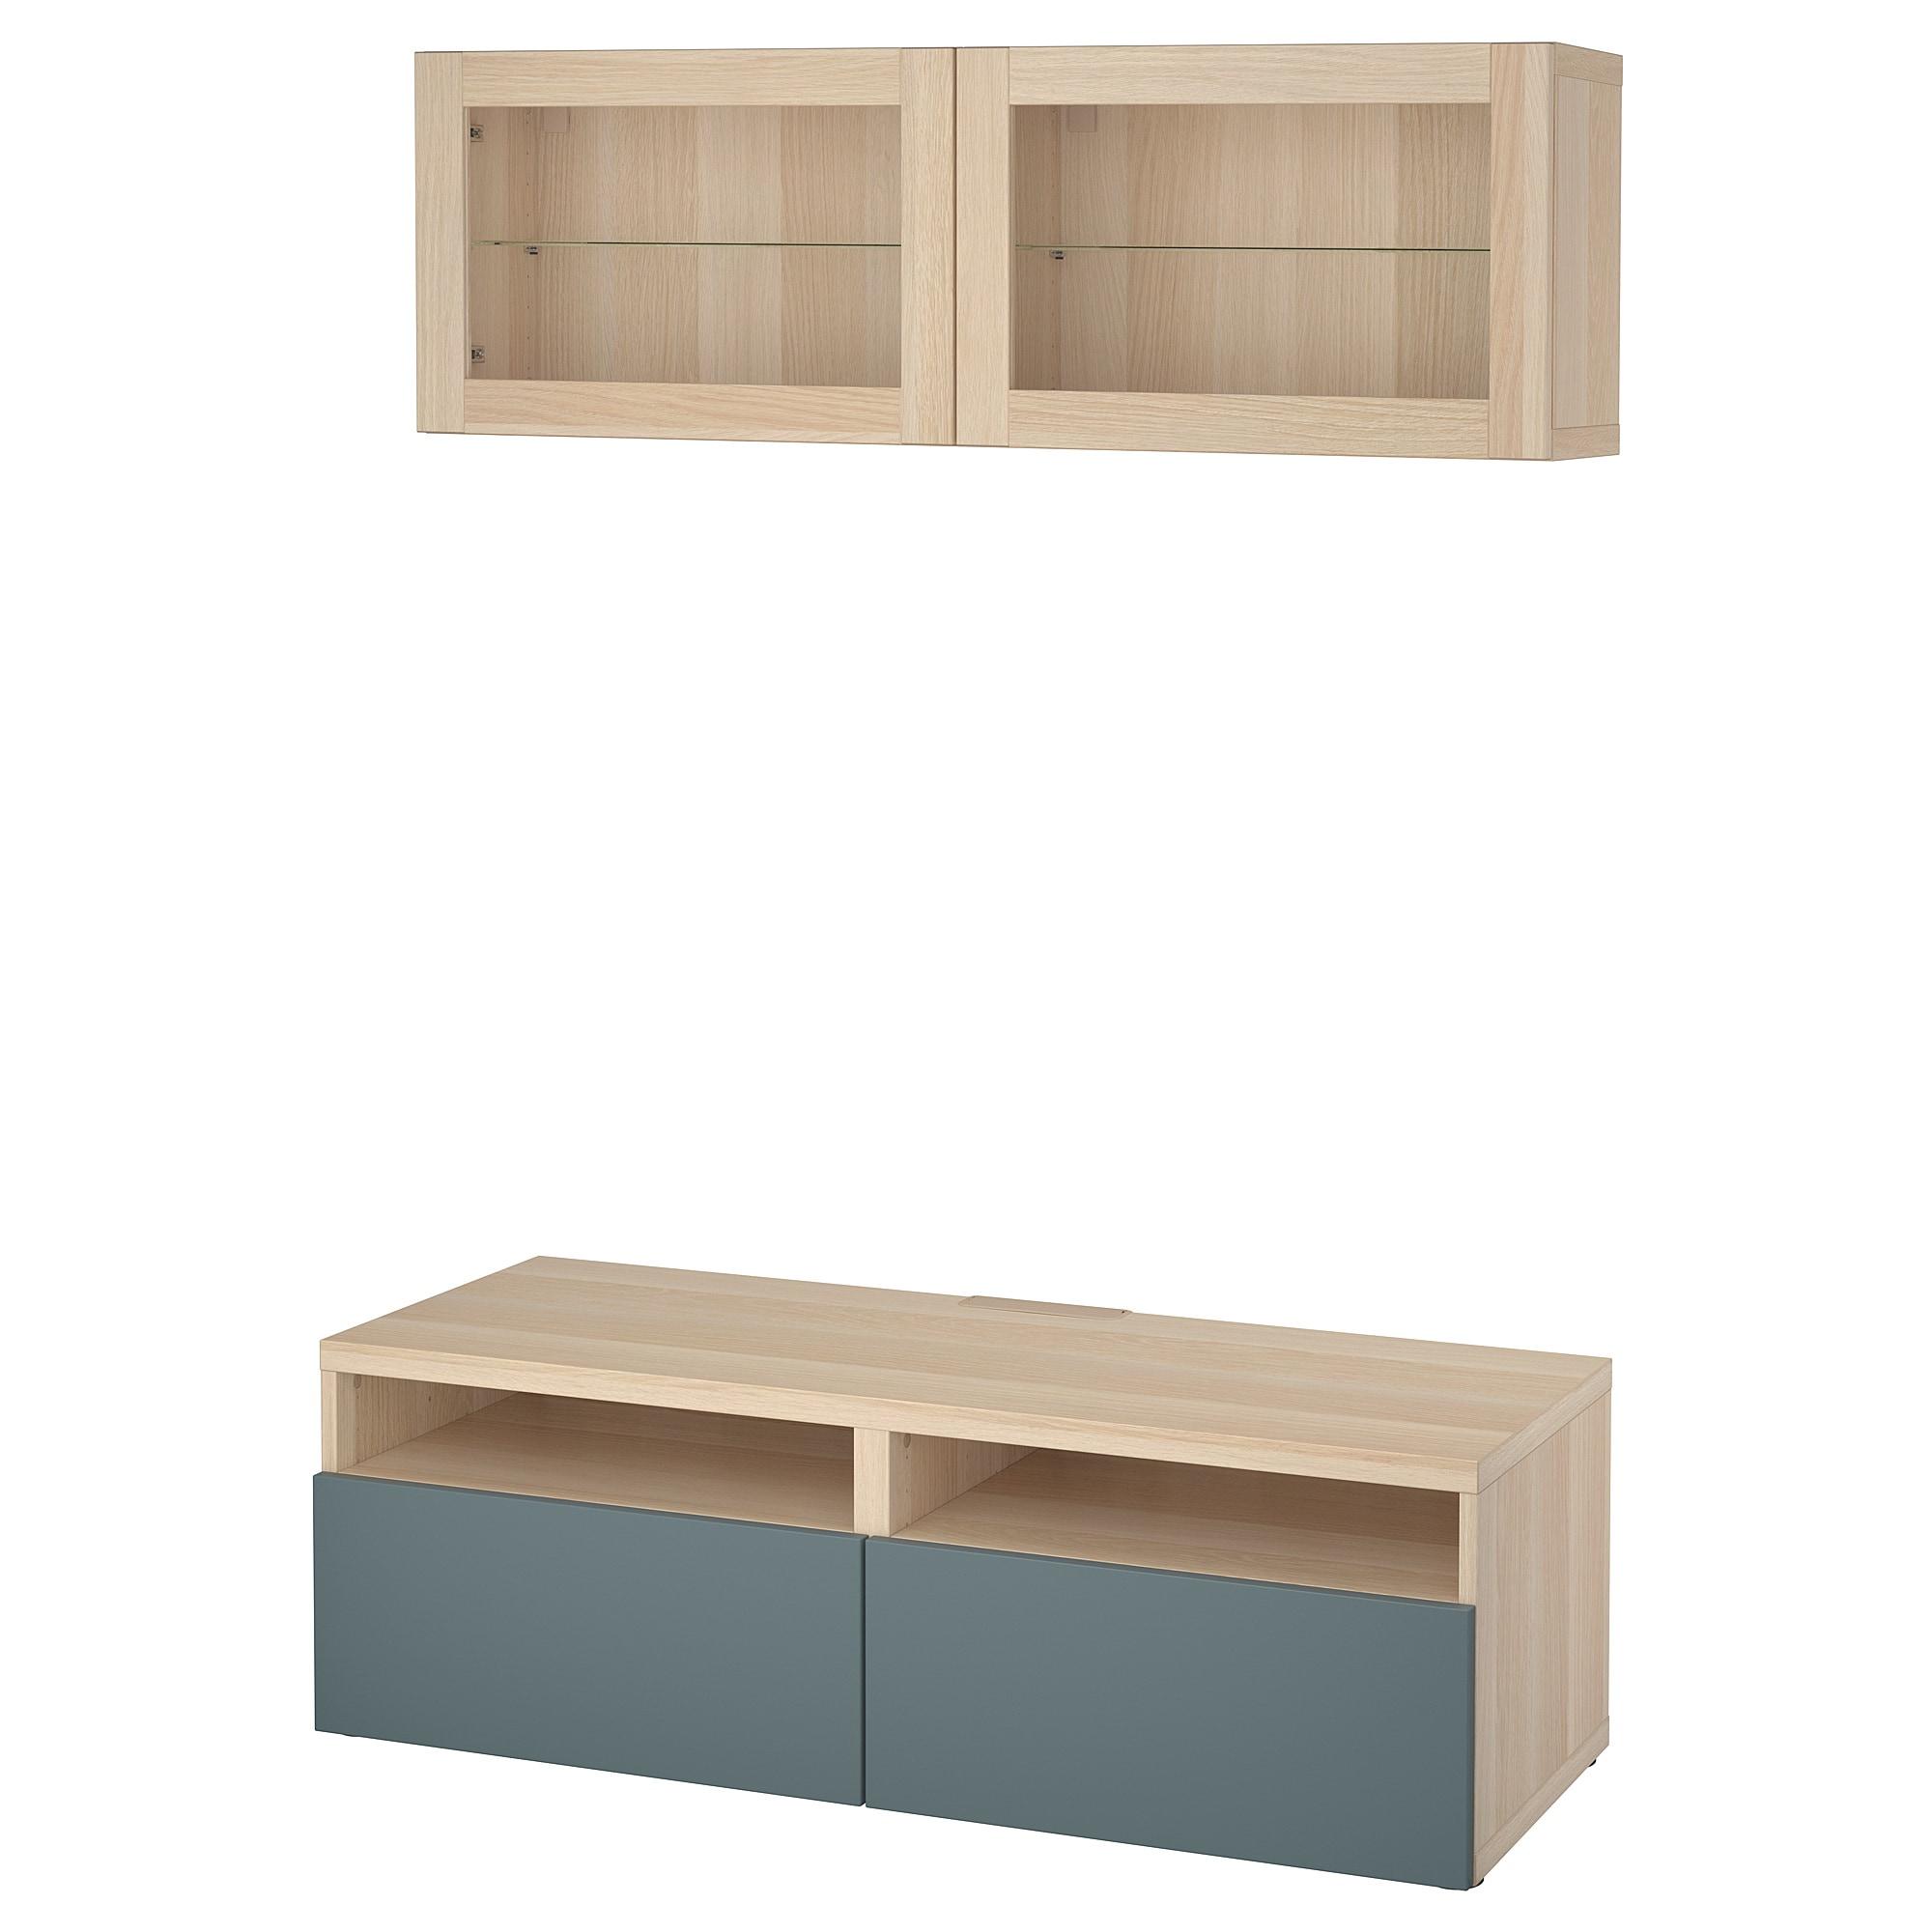 Шкаф для ТВ, комбинированный, стекляные дверцы БЕСТО артикуль № 592.505.01 в наличии. Online магазин IKEA Минск. Быстрая доставка и монтаж.